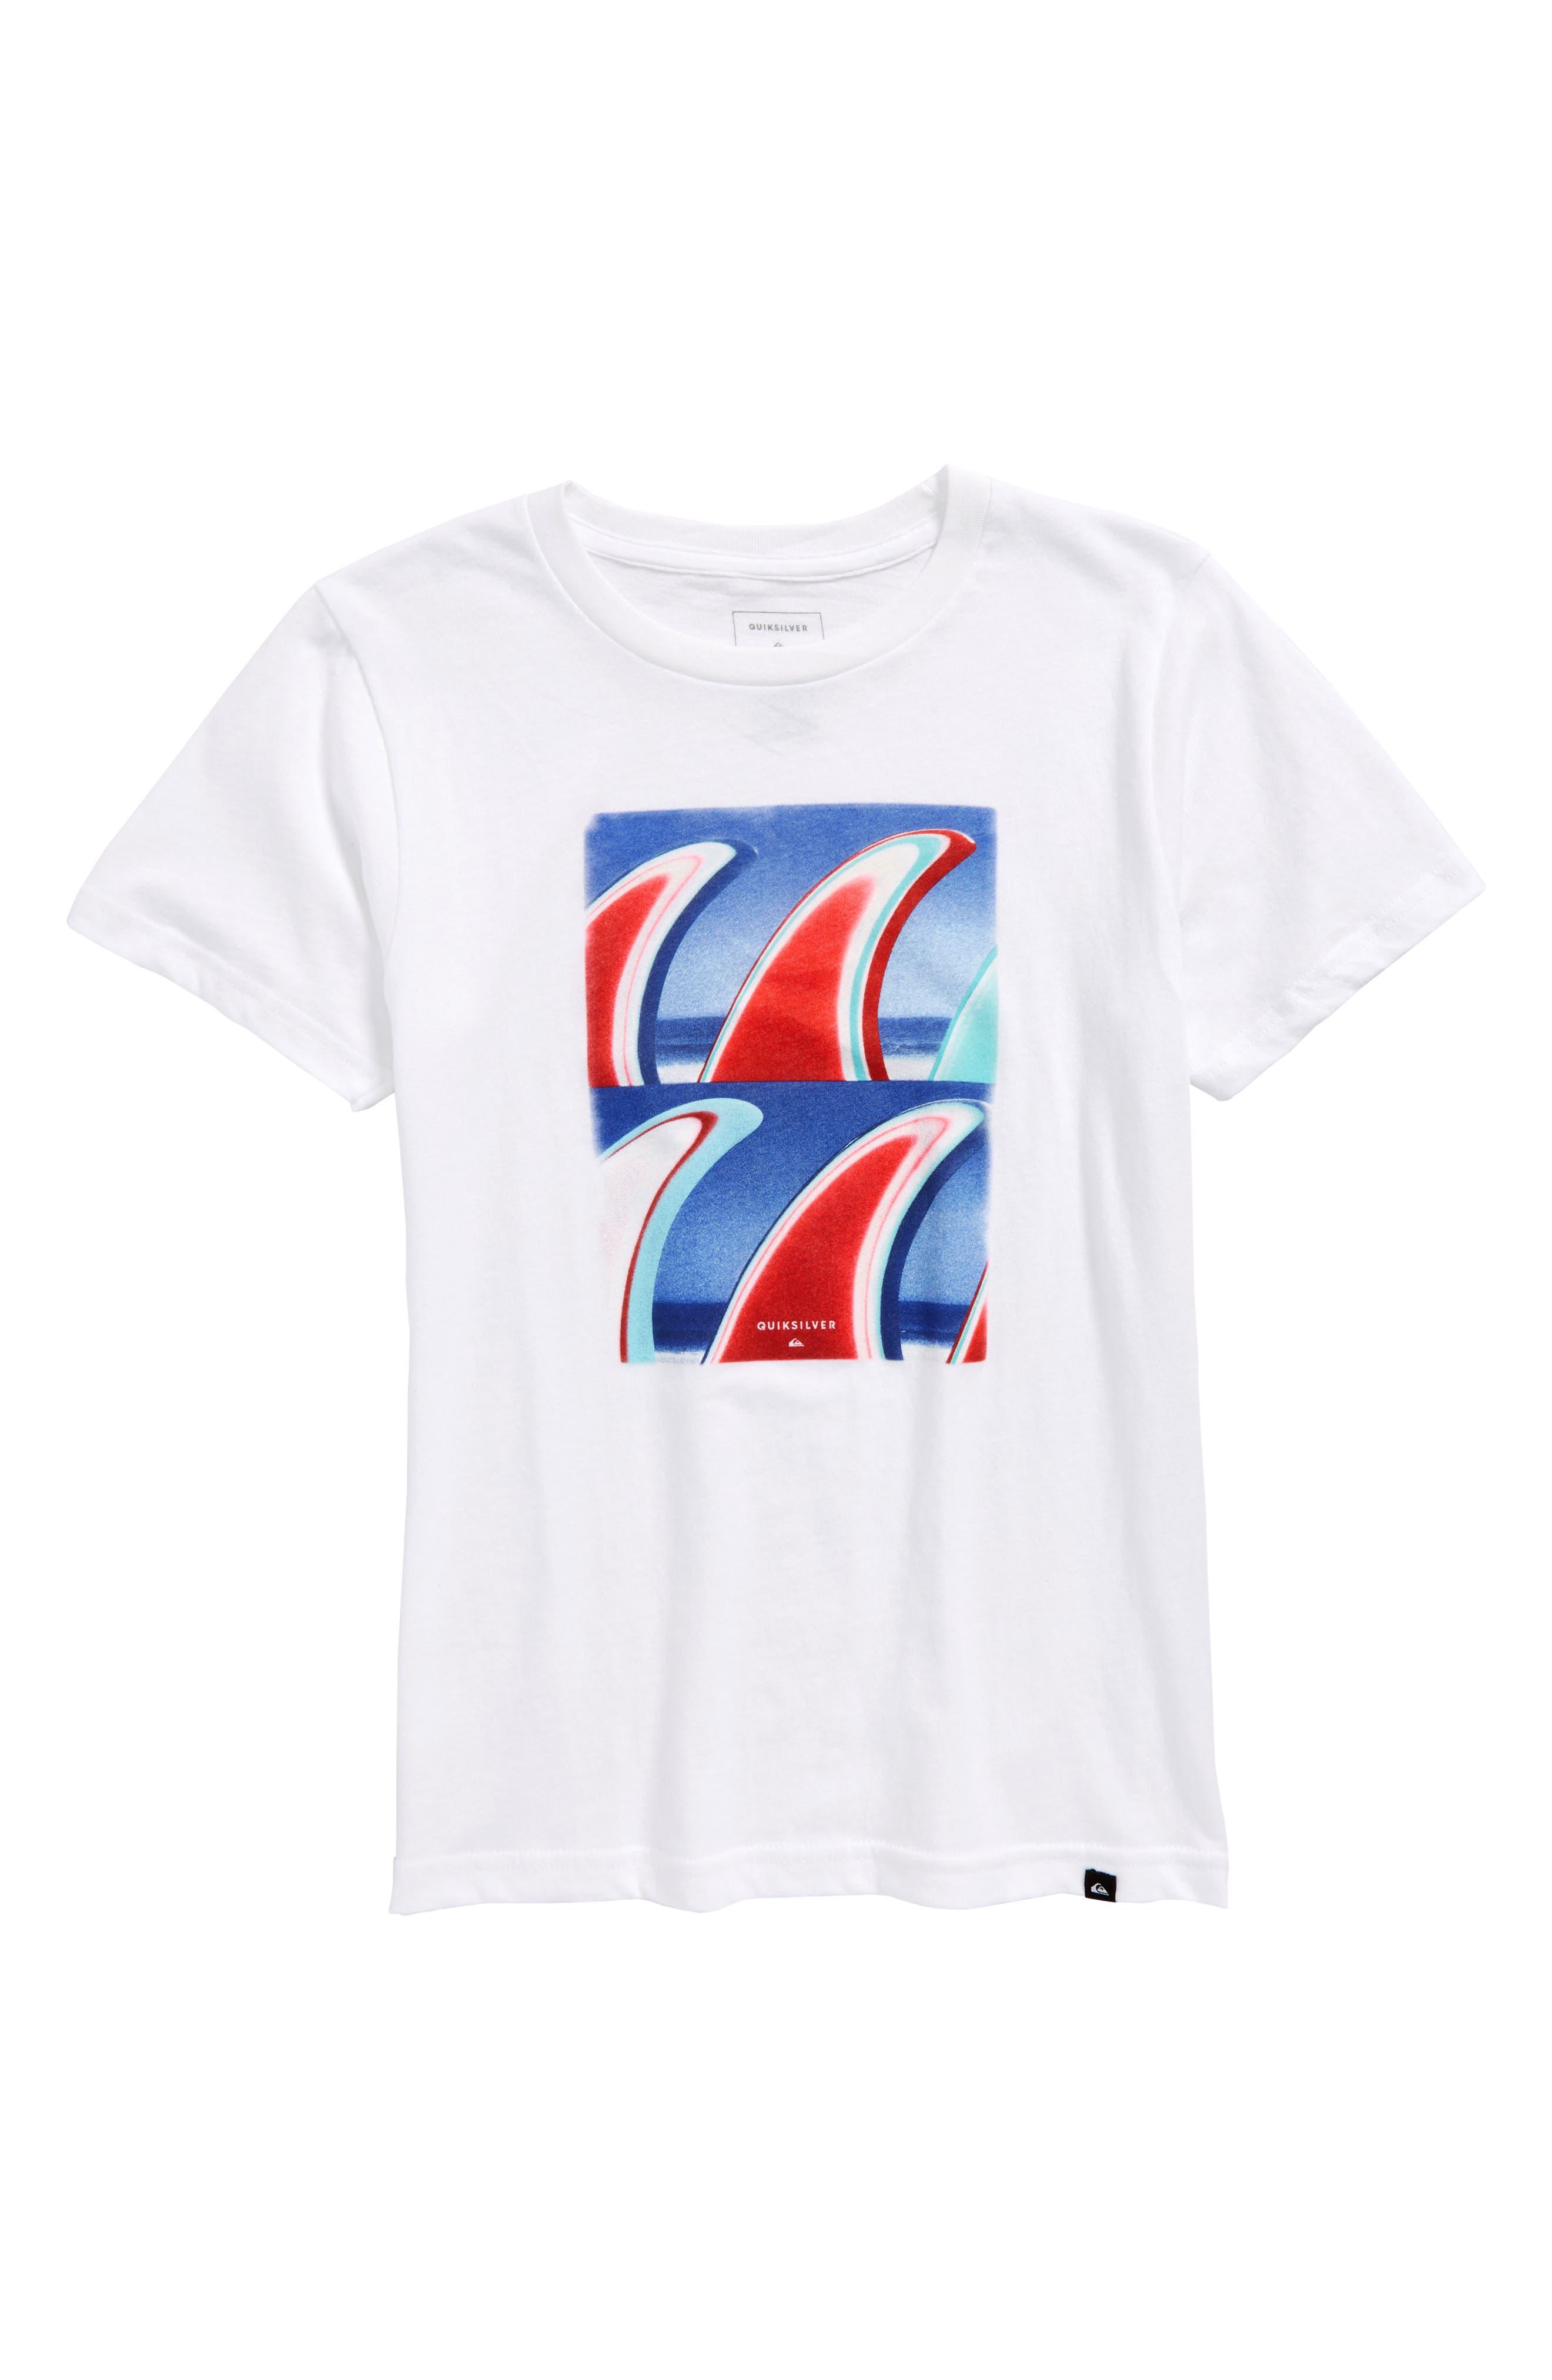 Fin Finatic Graphic T-Shirt,                         Main,                         color, White